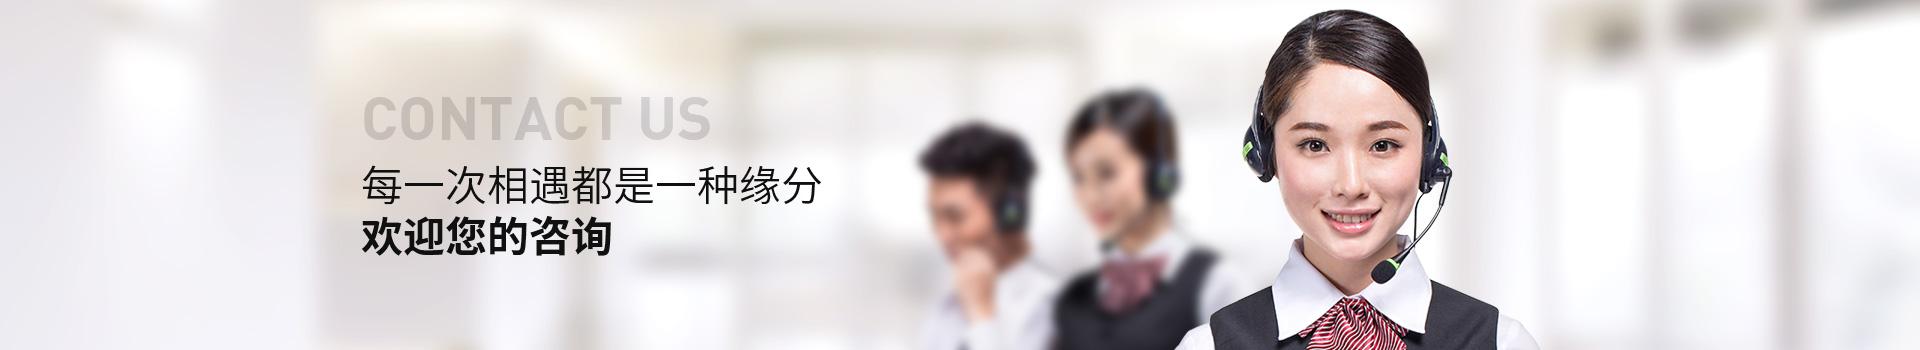 江阴市邦宏机械有限公司